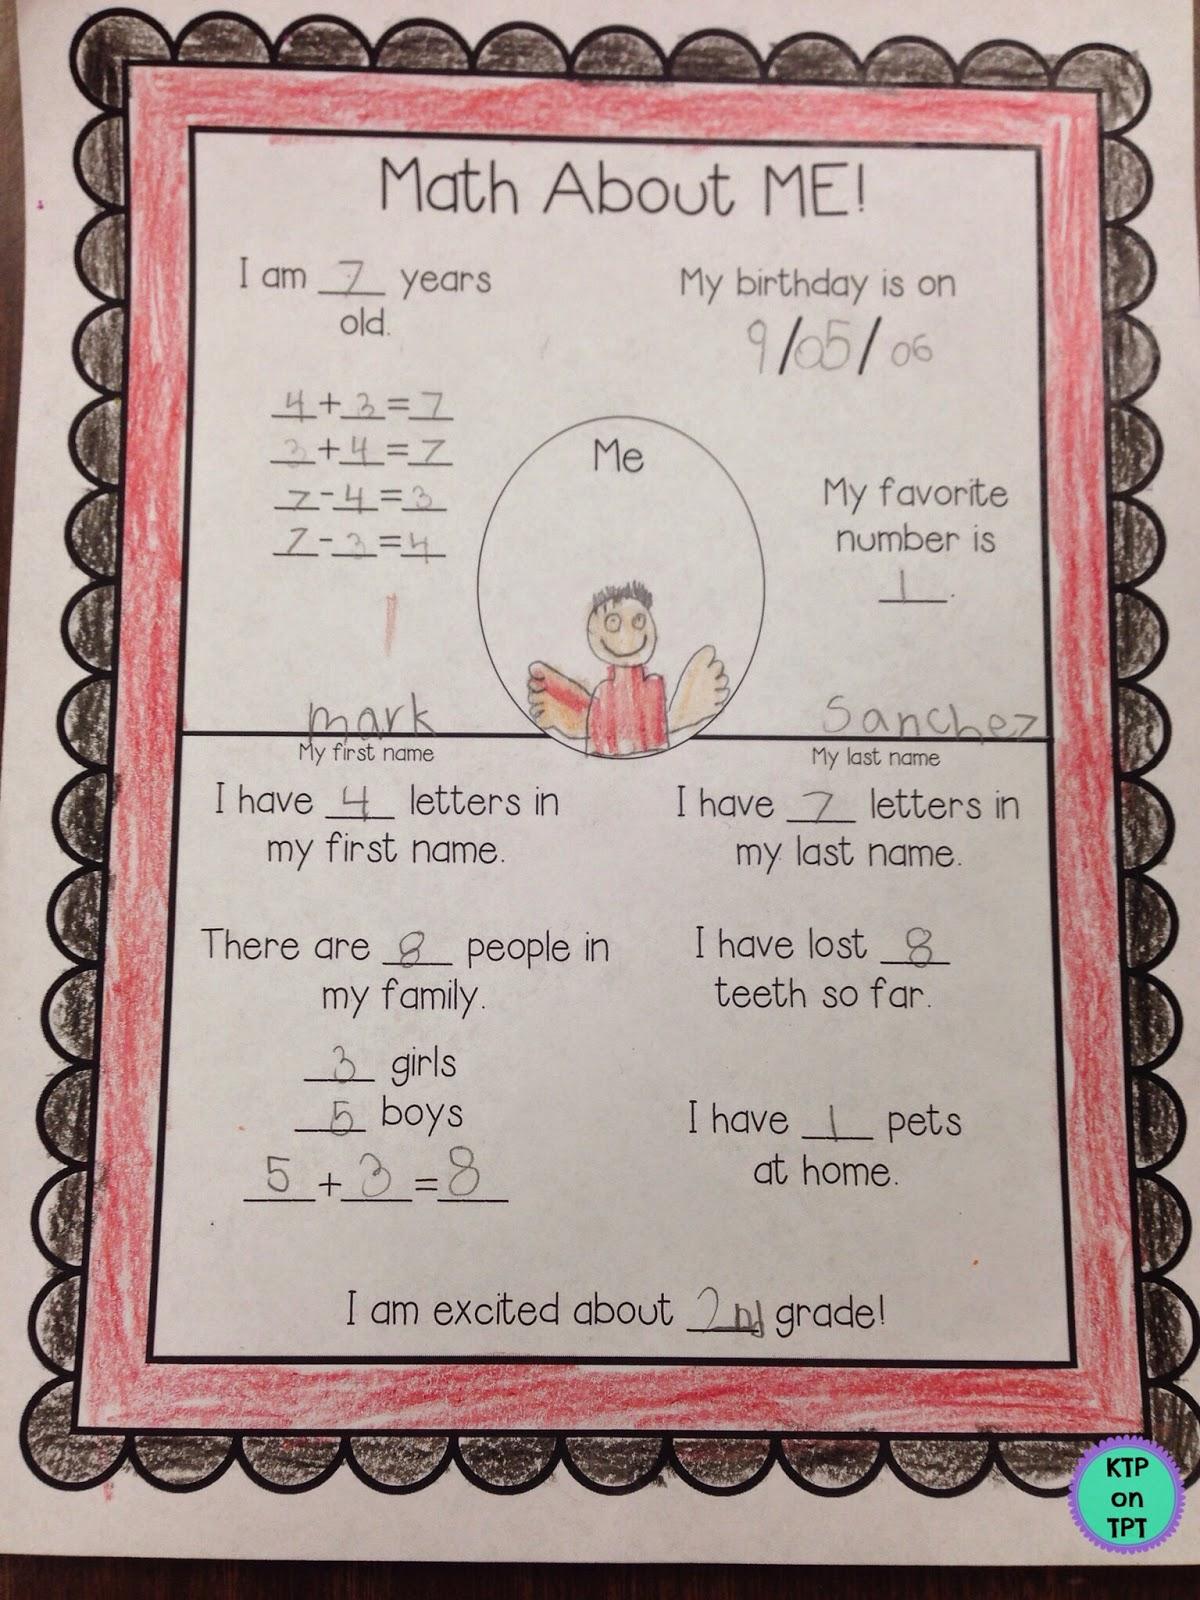 http://www.teacherspayteachers.com/Product/All-About-Me-Math-217176